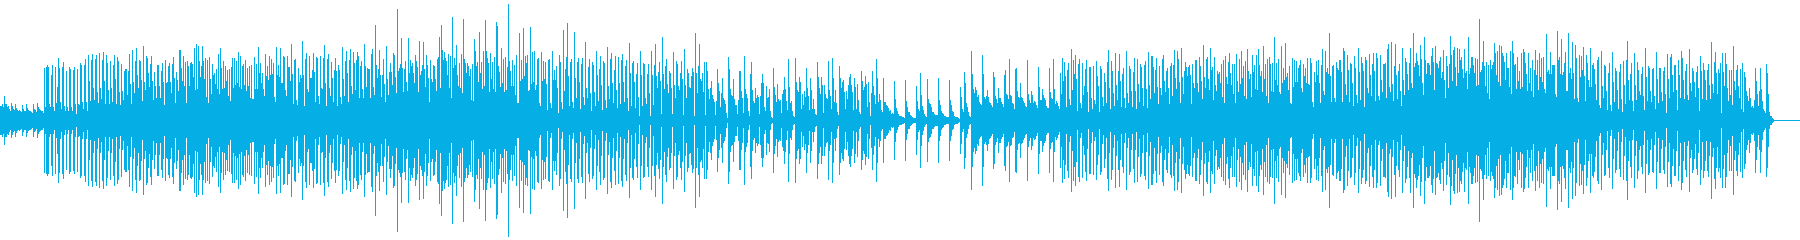 悲しげな音とロック構成で作られたテクノの再生済みの波形